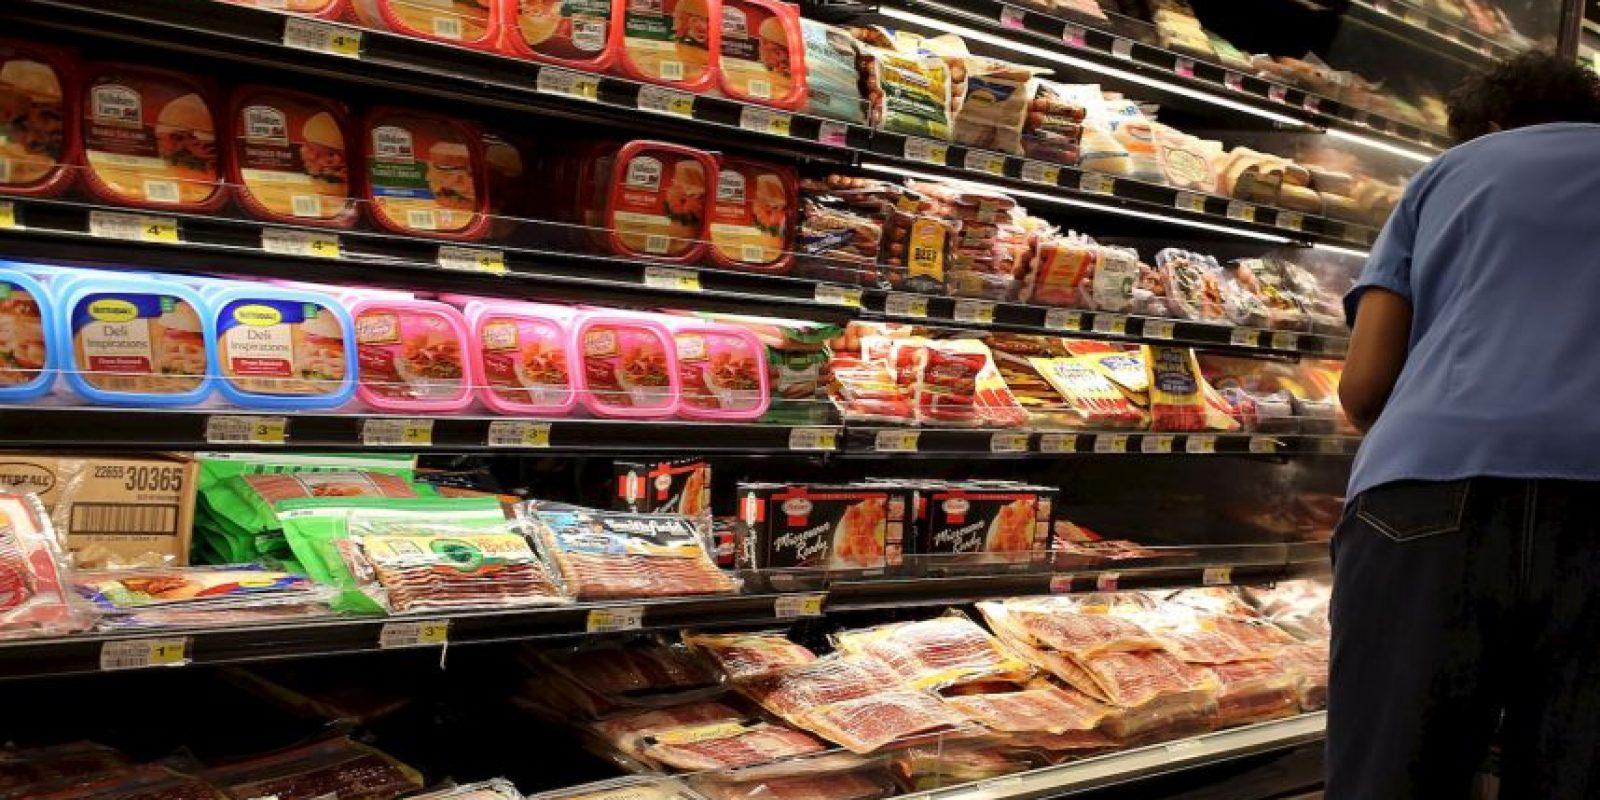 Este no es el único alimento que ha sido calificado como cancerígeno por la IARC. Foto: Getty Images